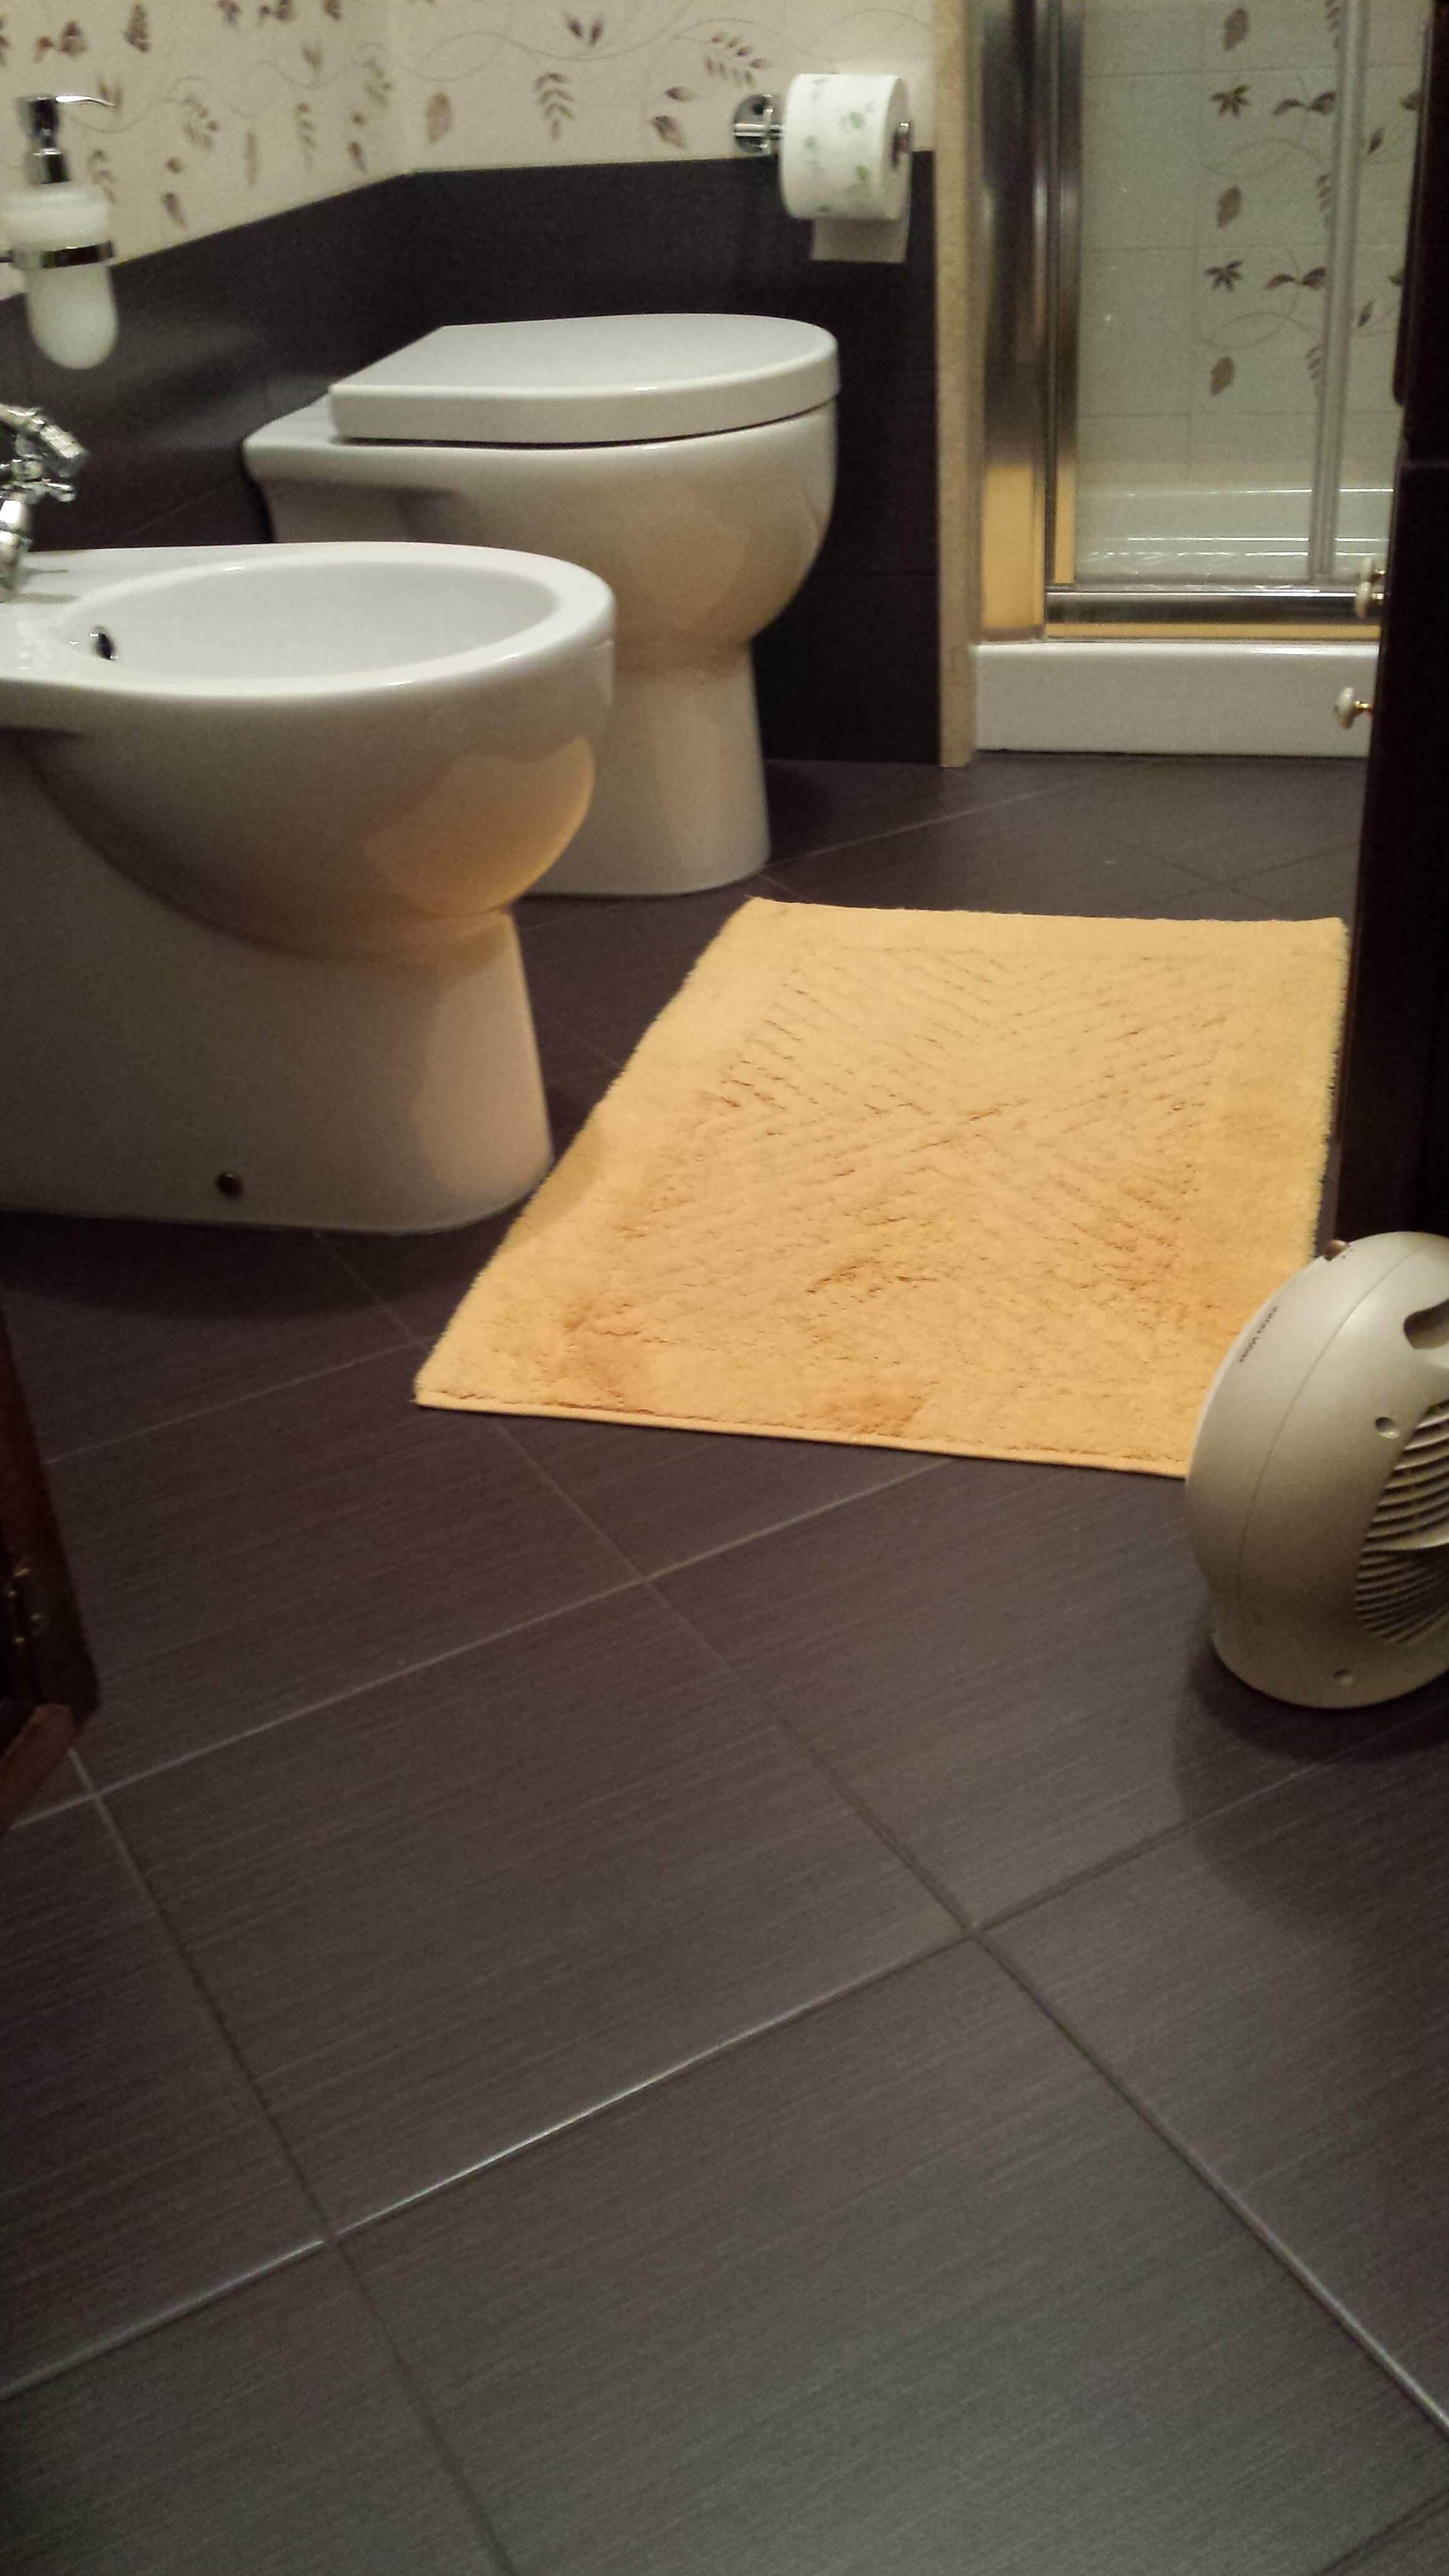 bagno con sanitari bianchi, pavimento scuro e tappeto giallo